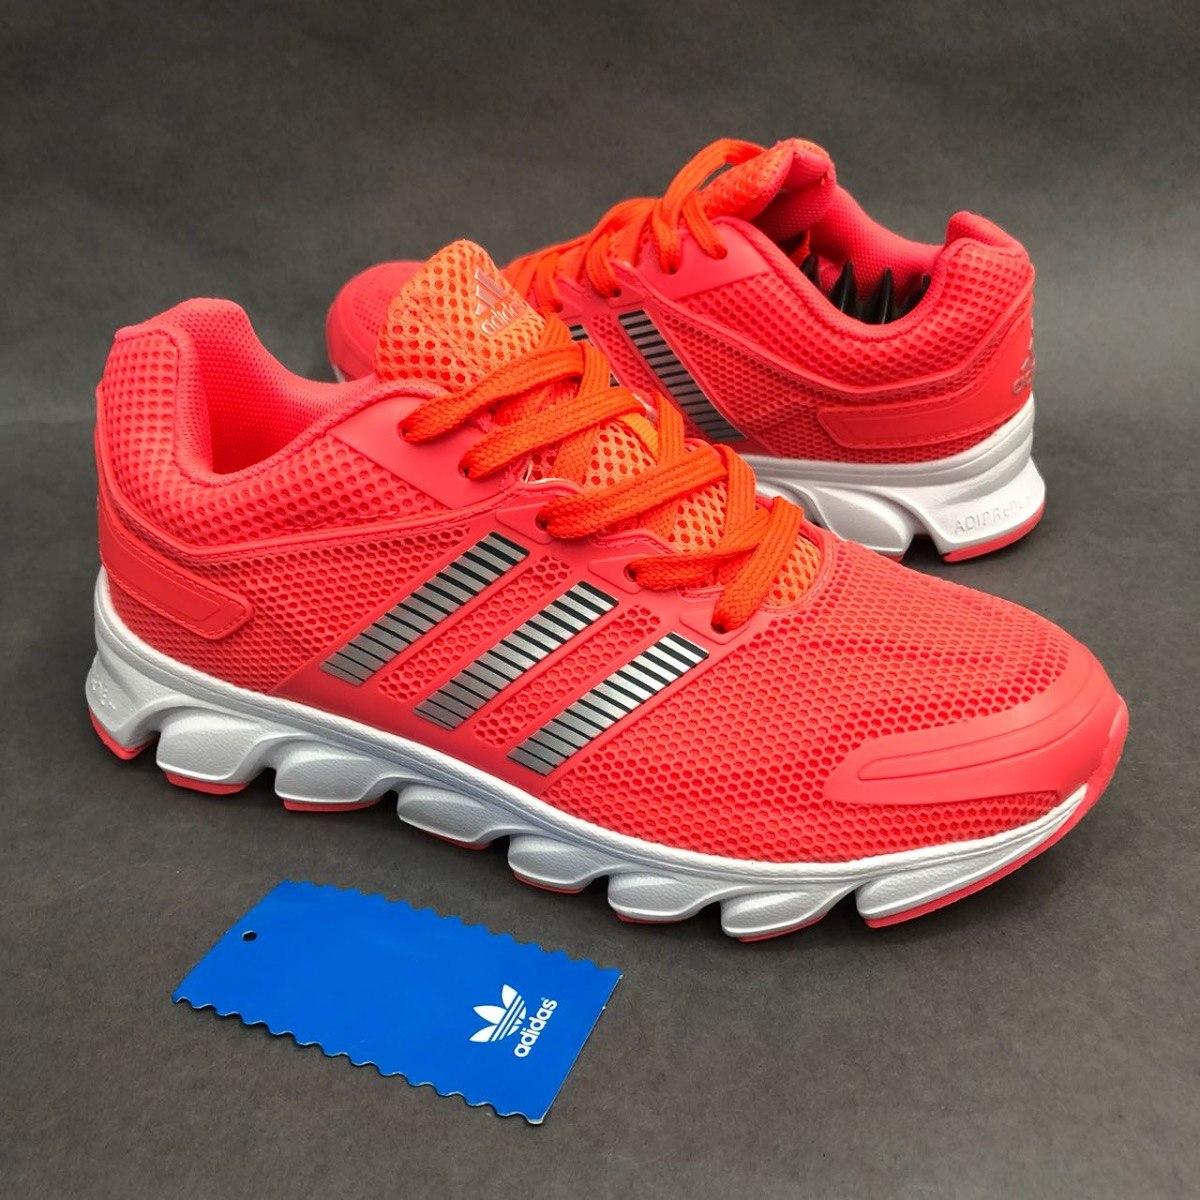 sports shoes 5547a 9d532 tenis zapatillas adidas climacool ride naranja mujer env g. Cargando zoom.